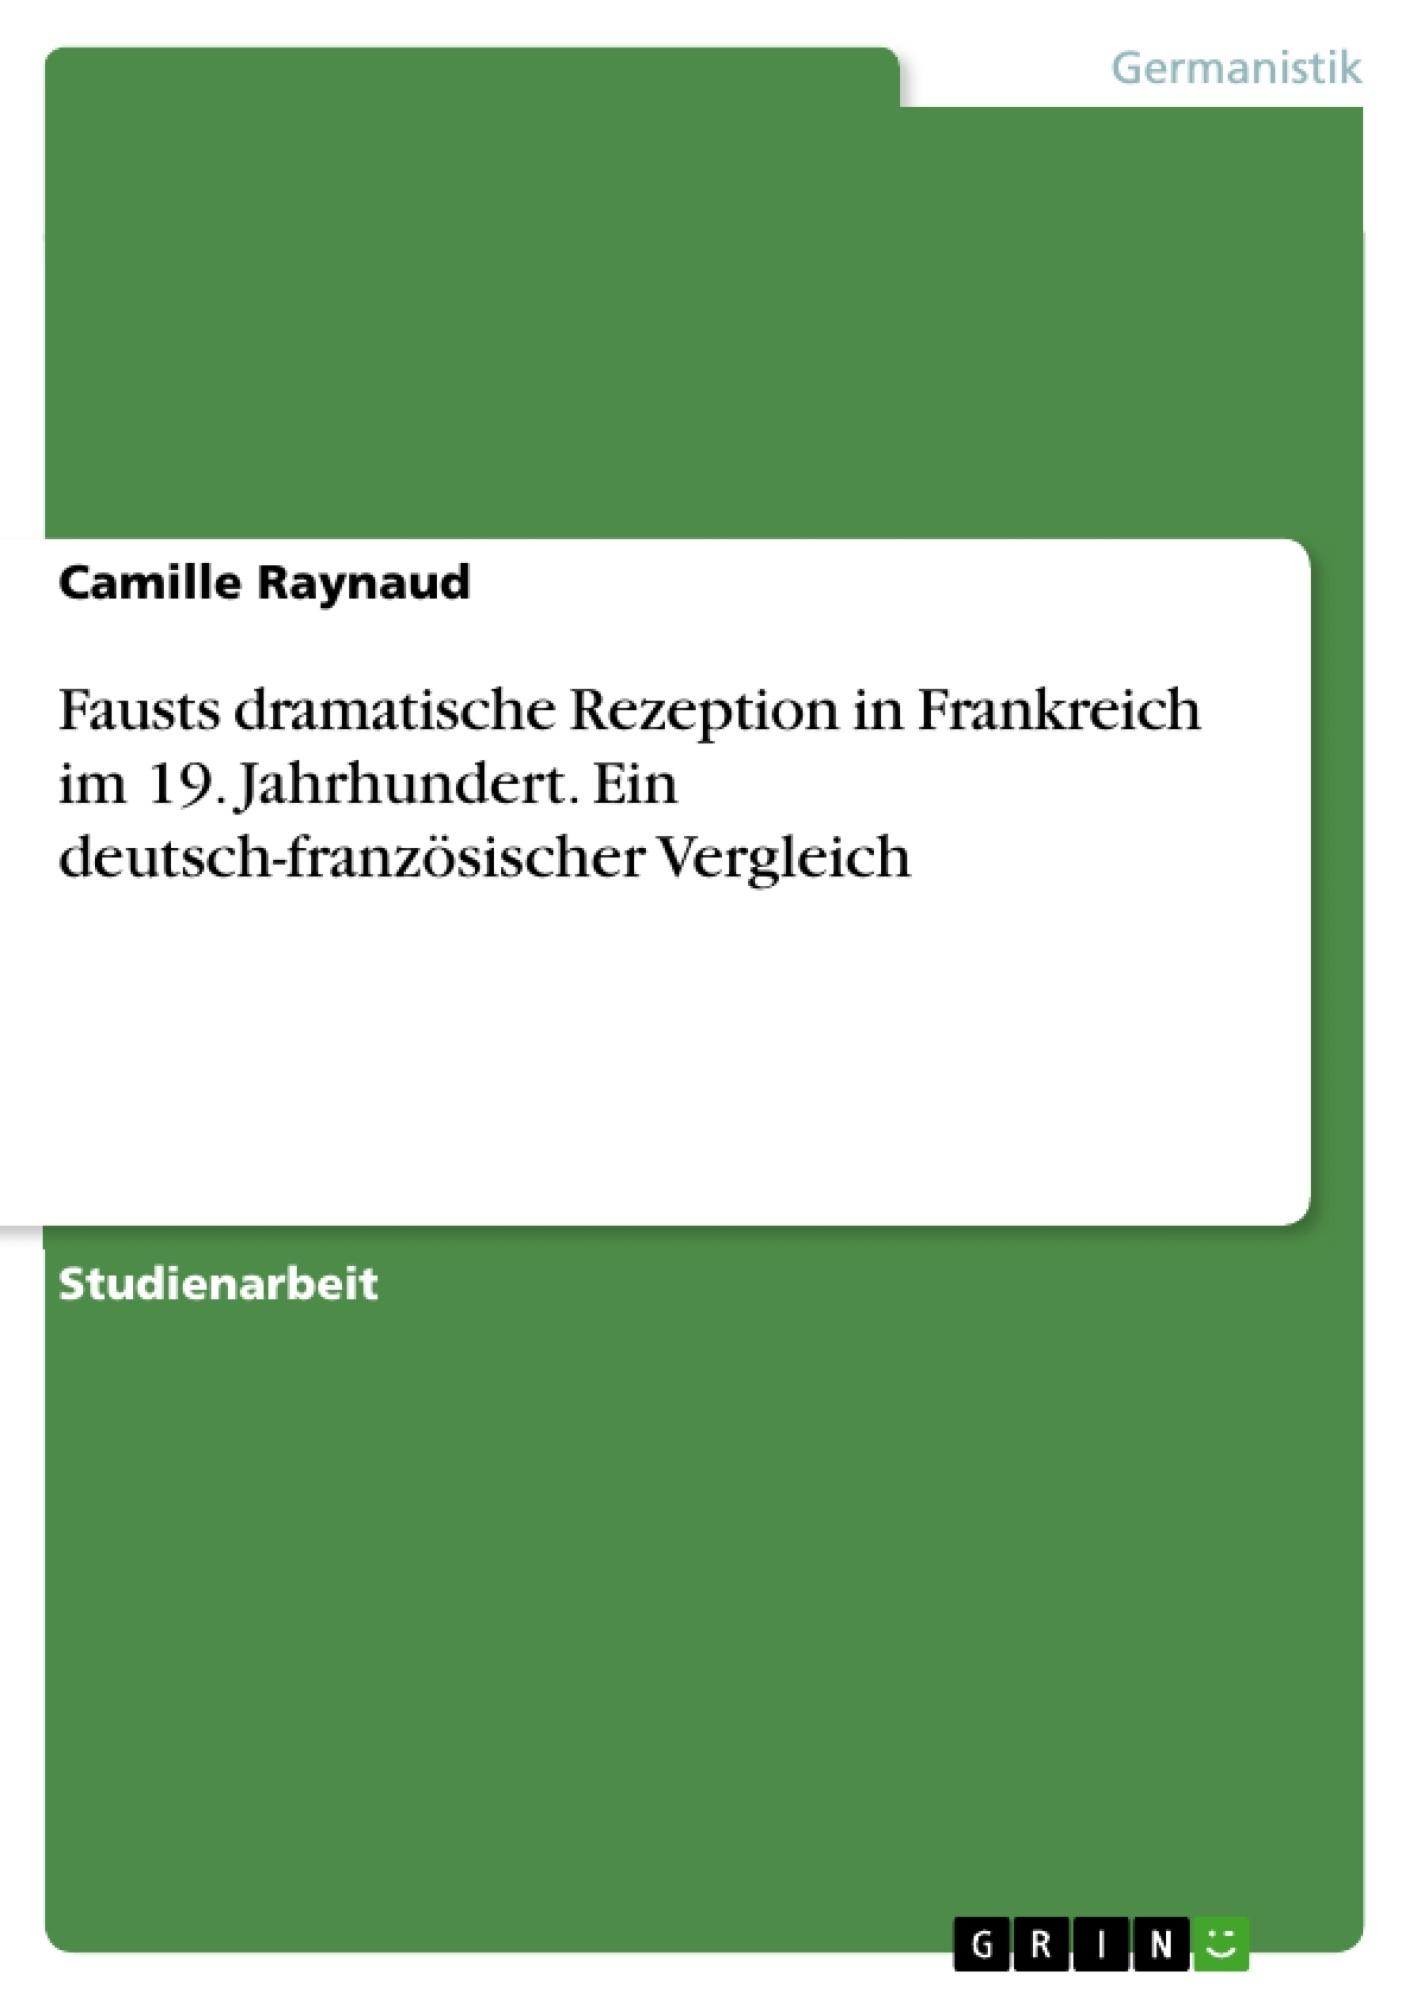 Titel: Fausts dramatische Rezeption in Frankreich im 19. Jahrhundert. Ein deutsch-französischer Vergleich